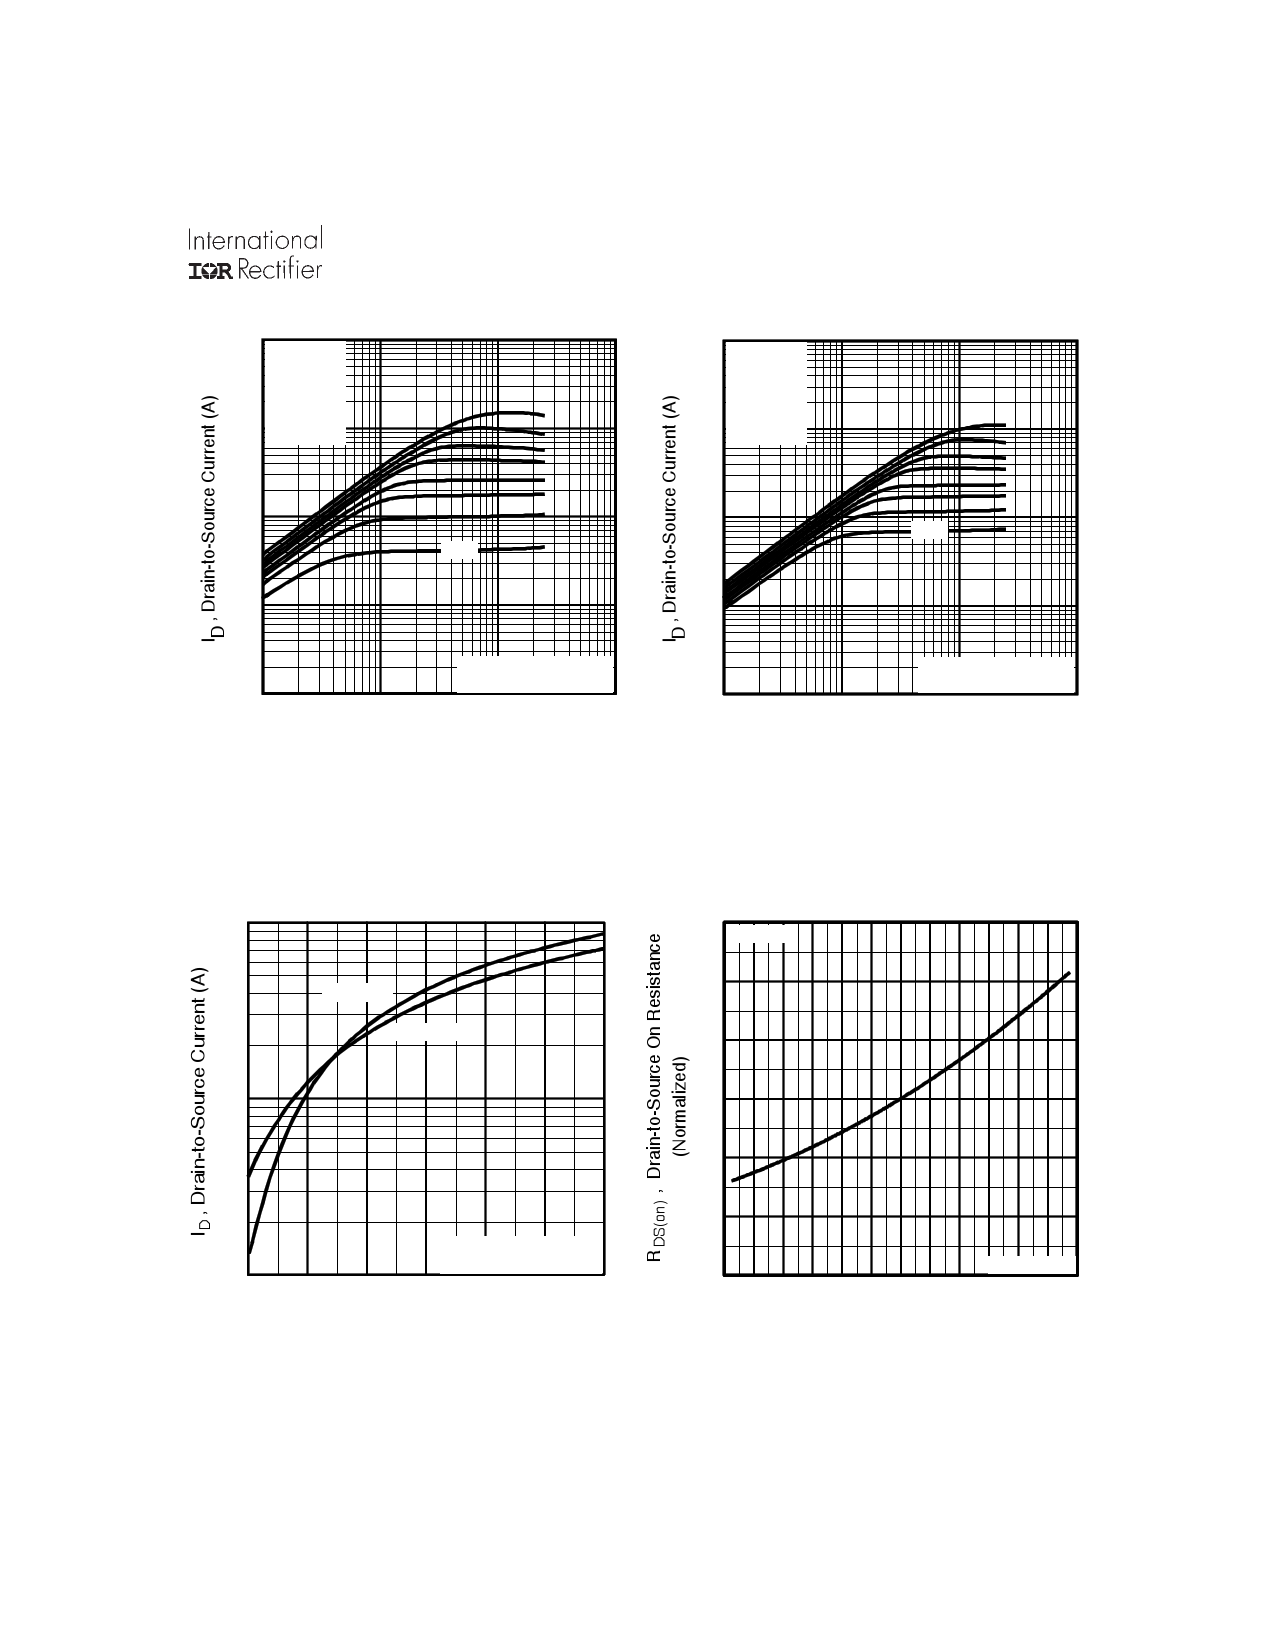 IRFZ34NPBF pdf, ピン配列